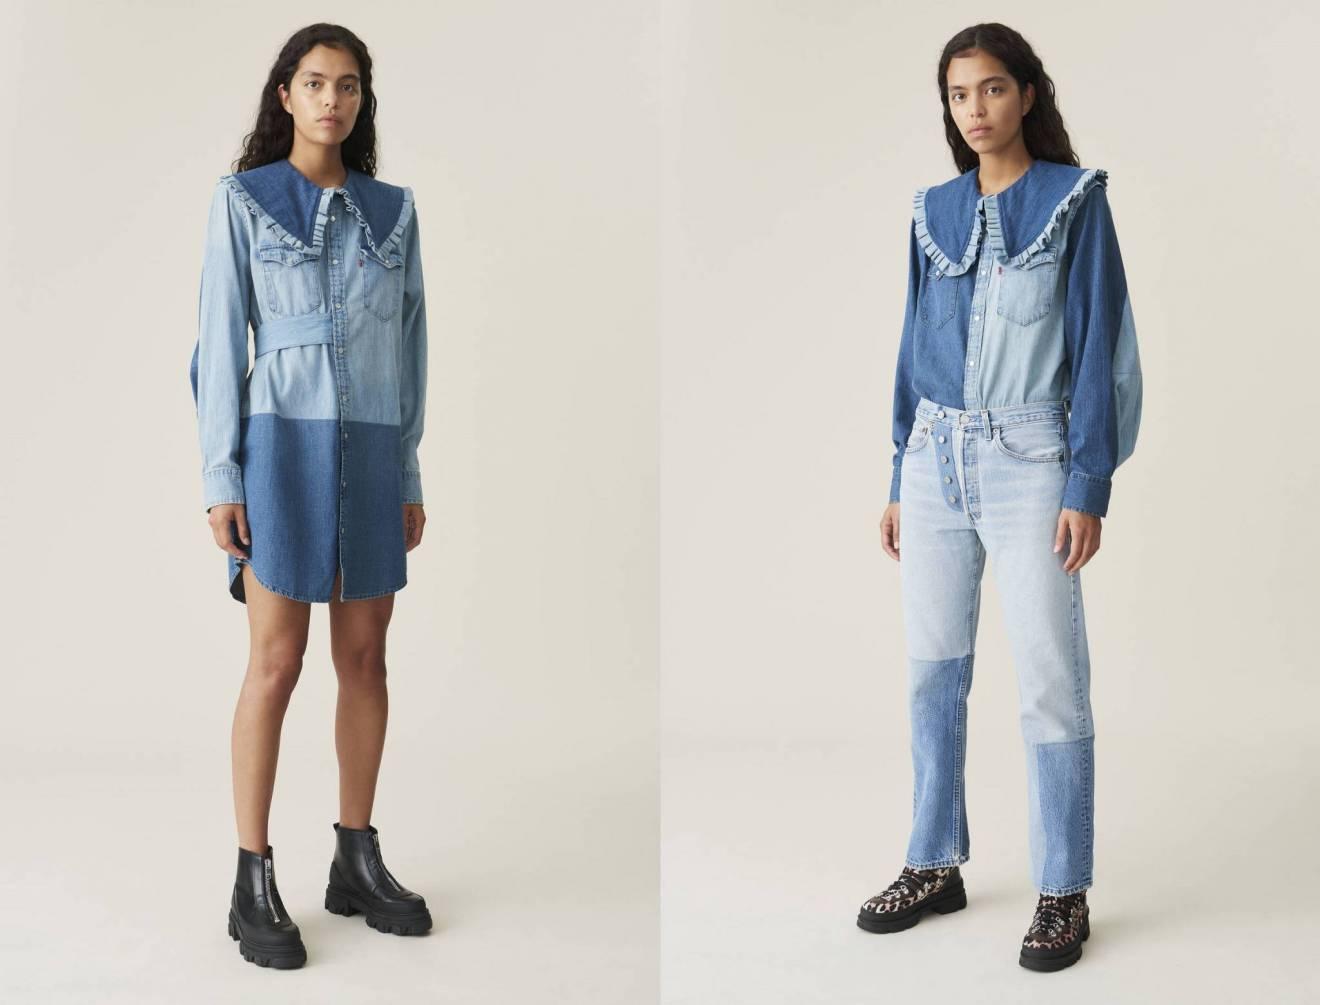 Ganni и Levi's представили коллекцию экологичных джинсов